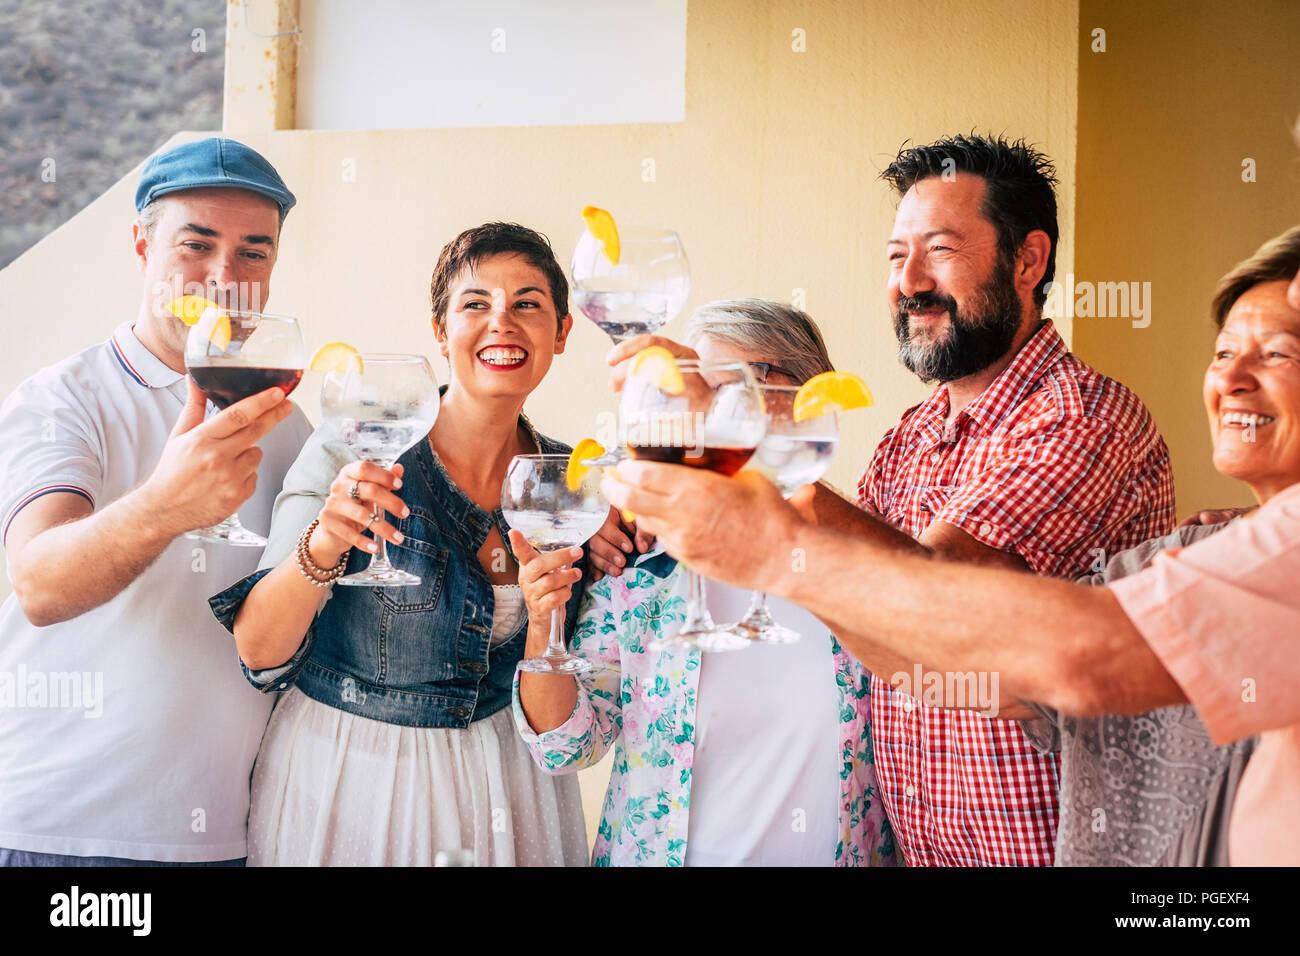 Età mista gruppo di popolazione caucasica divertirsi insieme per celebrare un evento di bere cocktail con vino rosso di bianco vodka. Concetto di vacanza con hap Immagini Stock